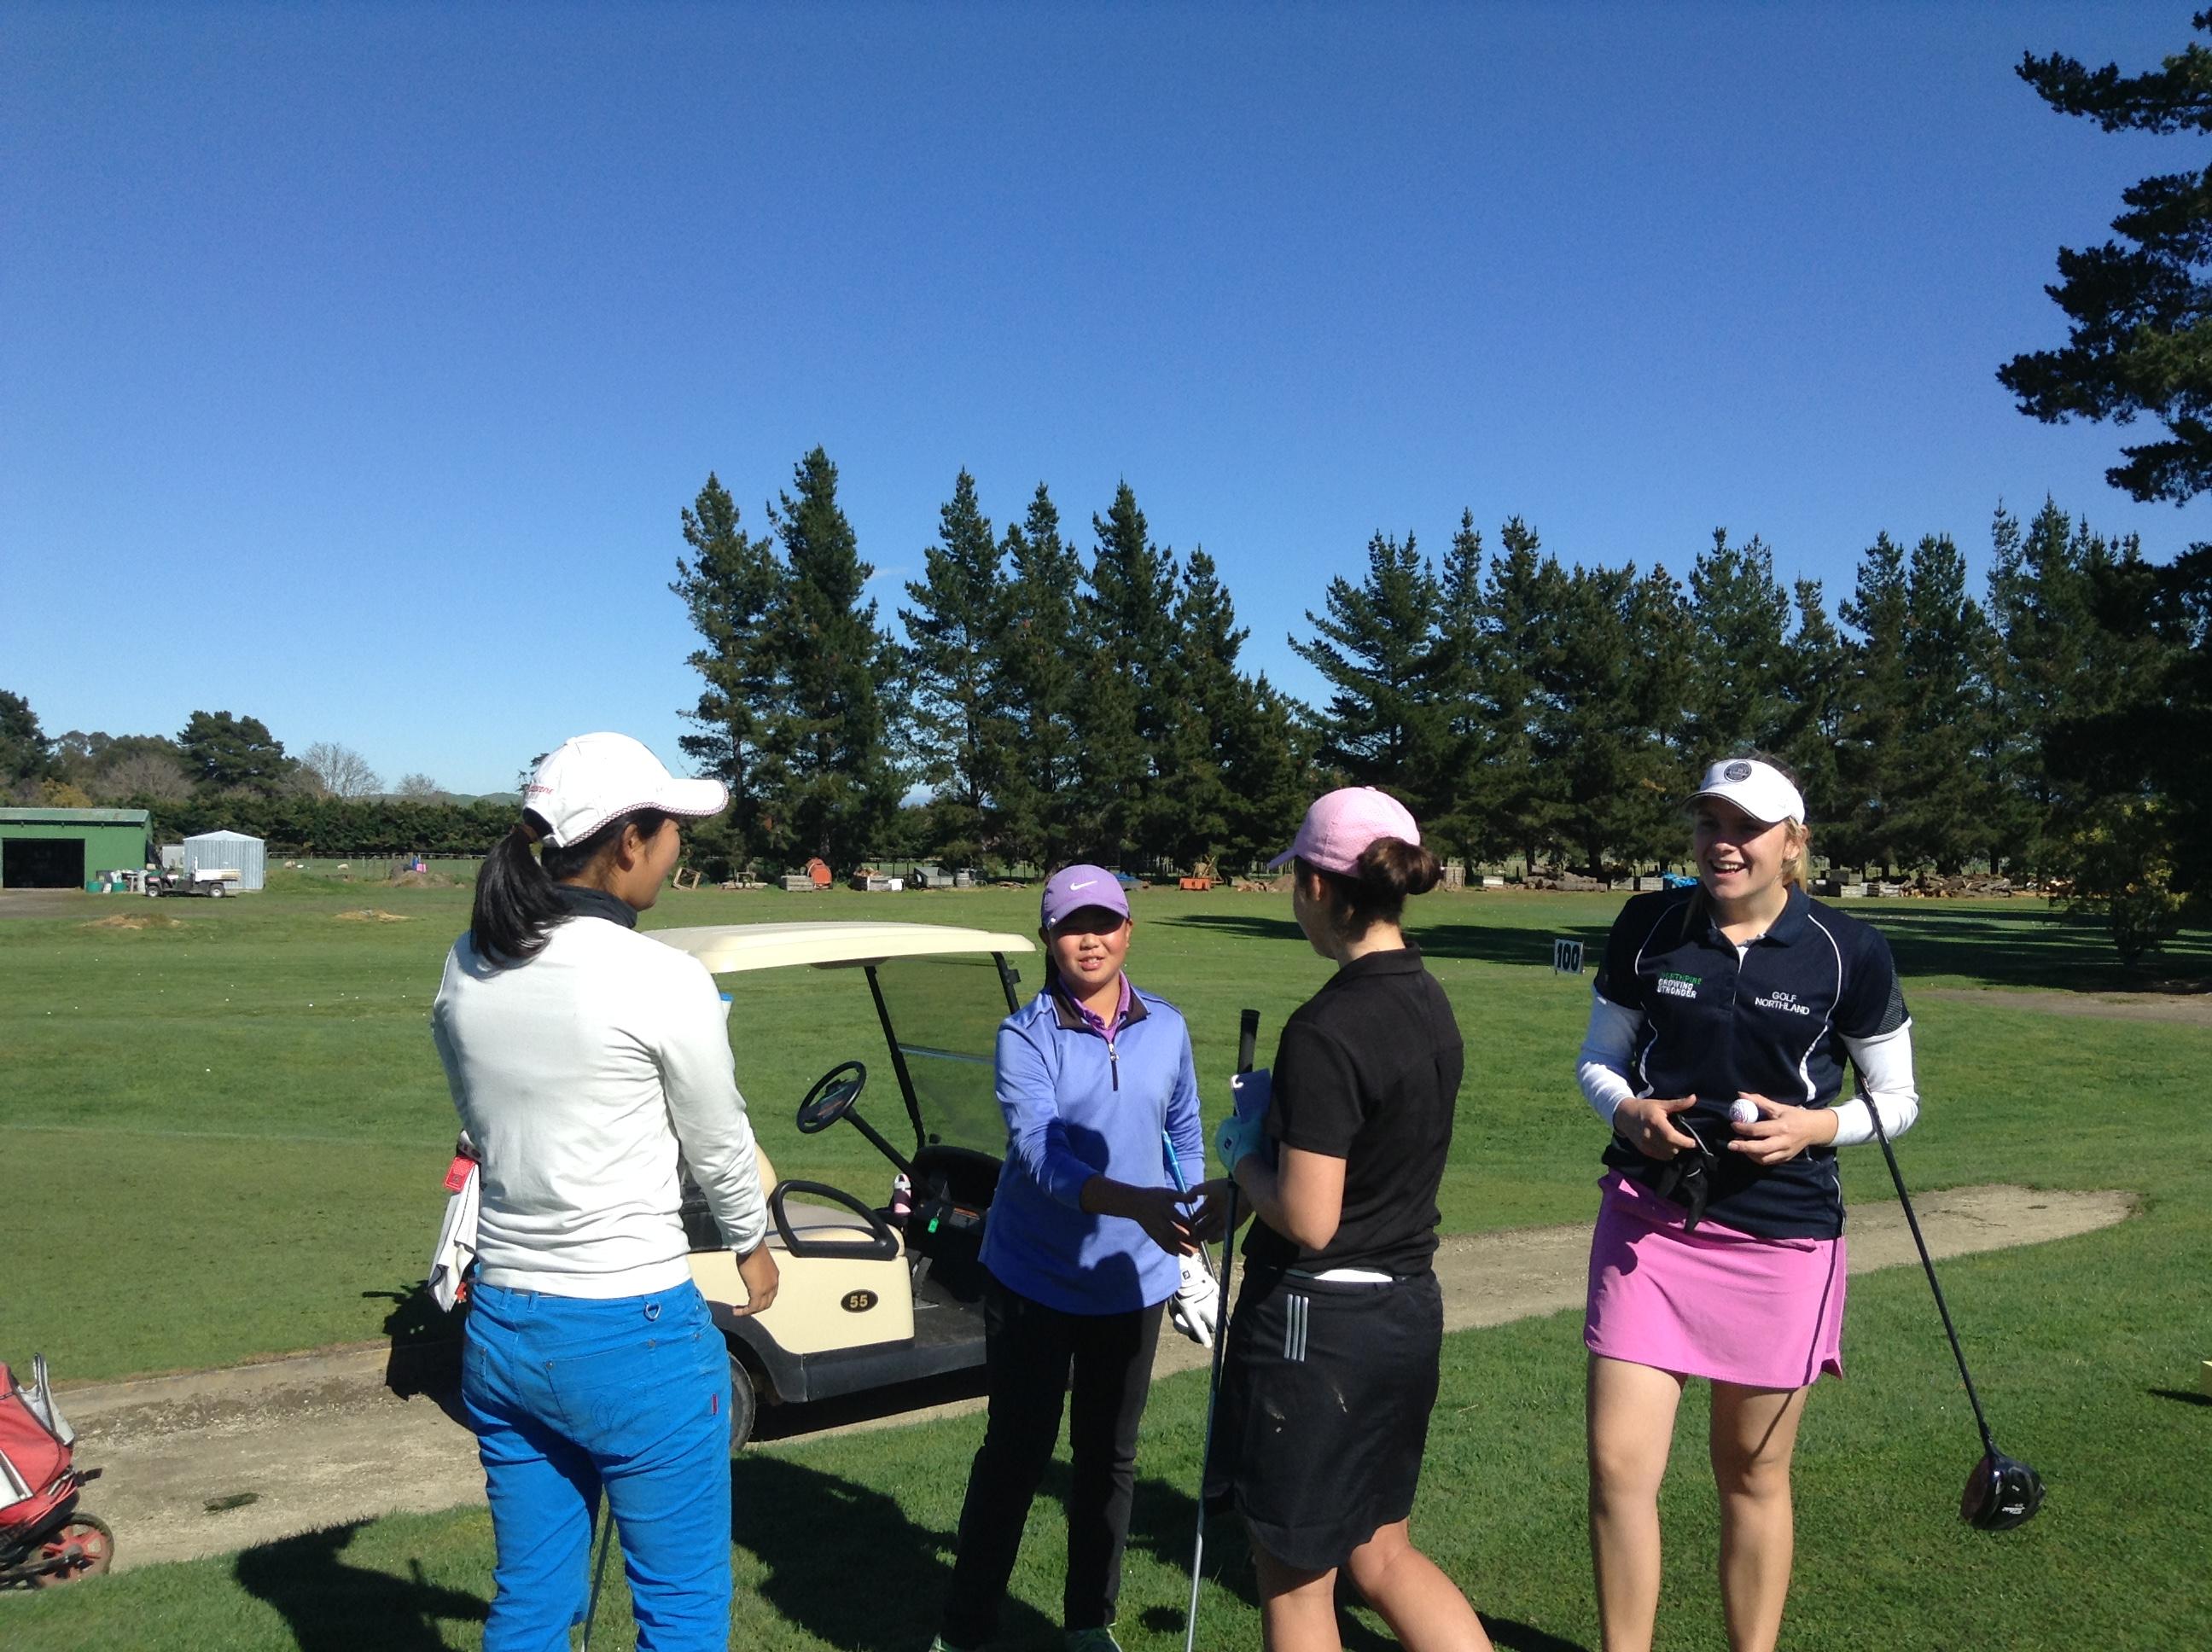 トーナメント前日のプラクティスラウンド。にこやかに自己紹介して握手して、さぁ、いよいよニュージーランドでのゴルフがスタートします。